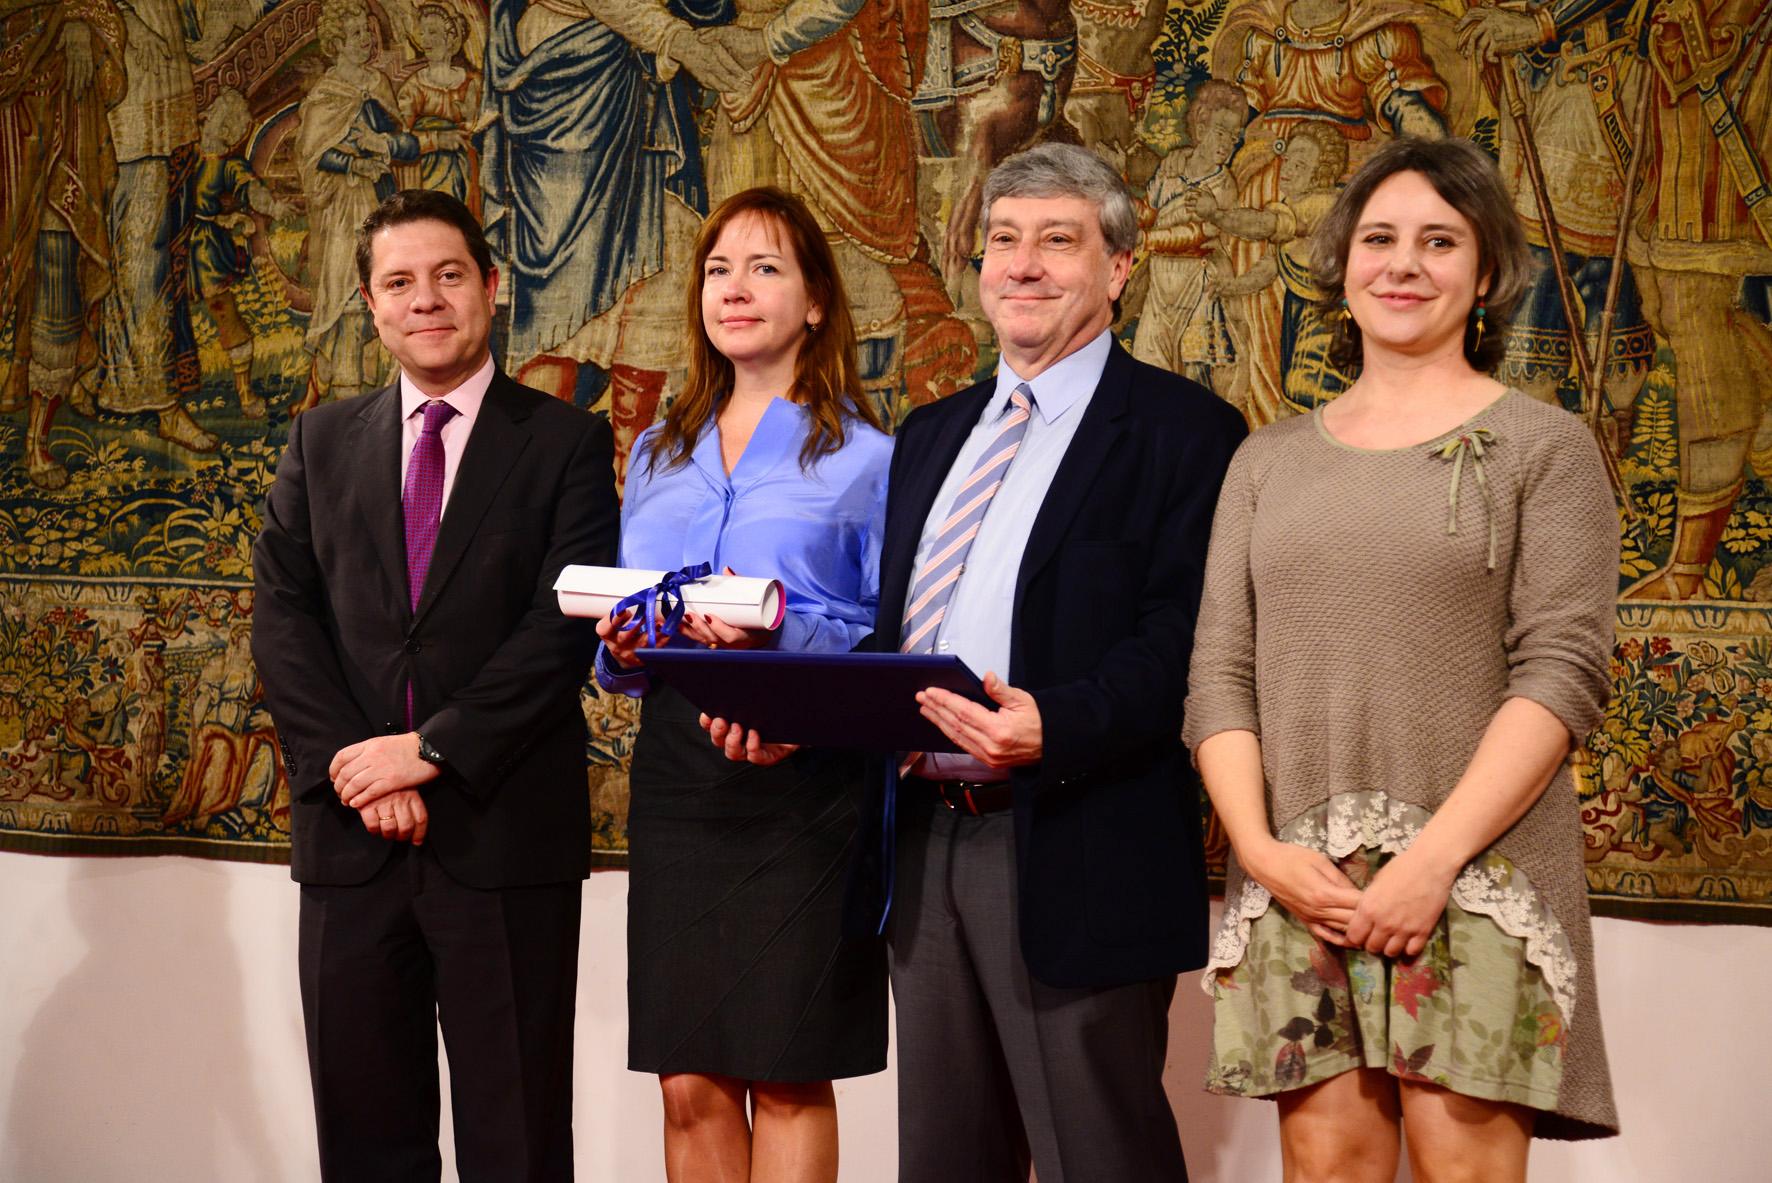 Distintivo de Excelencia en Igualdad, Conciliación y Responsabilidad Social Empresarial, oposiciones